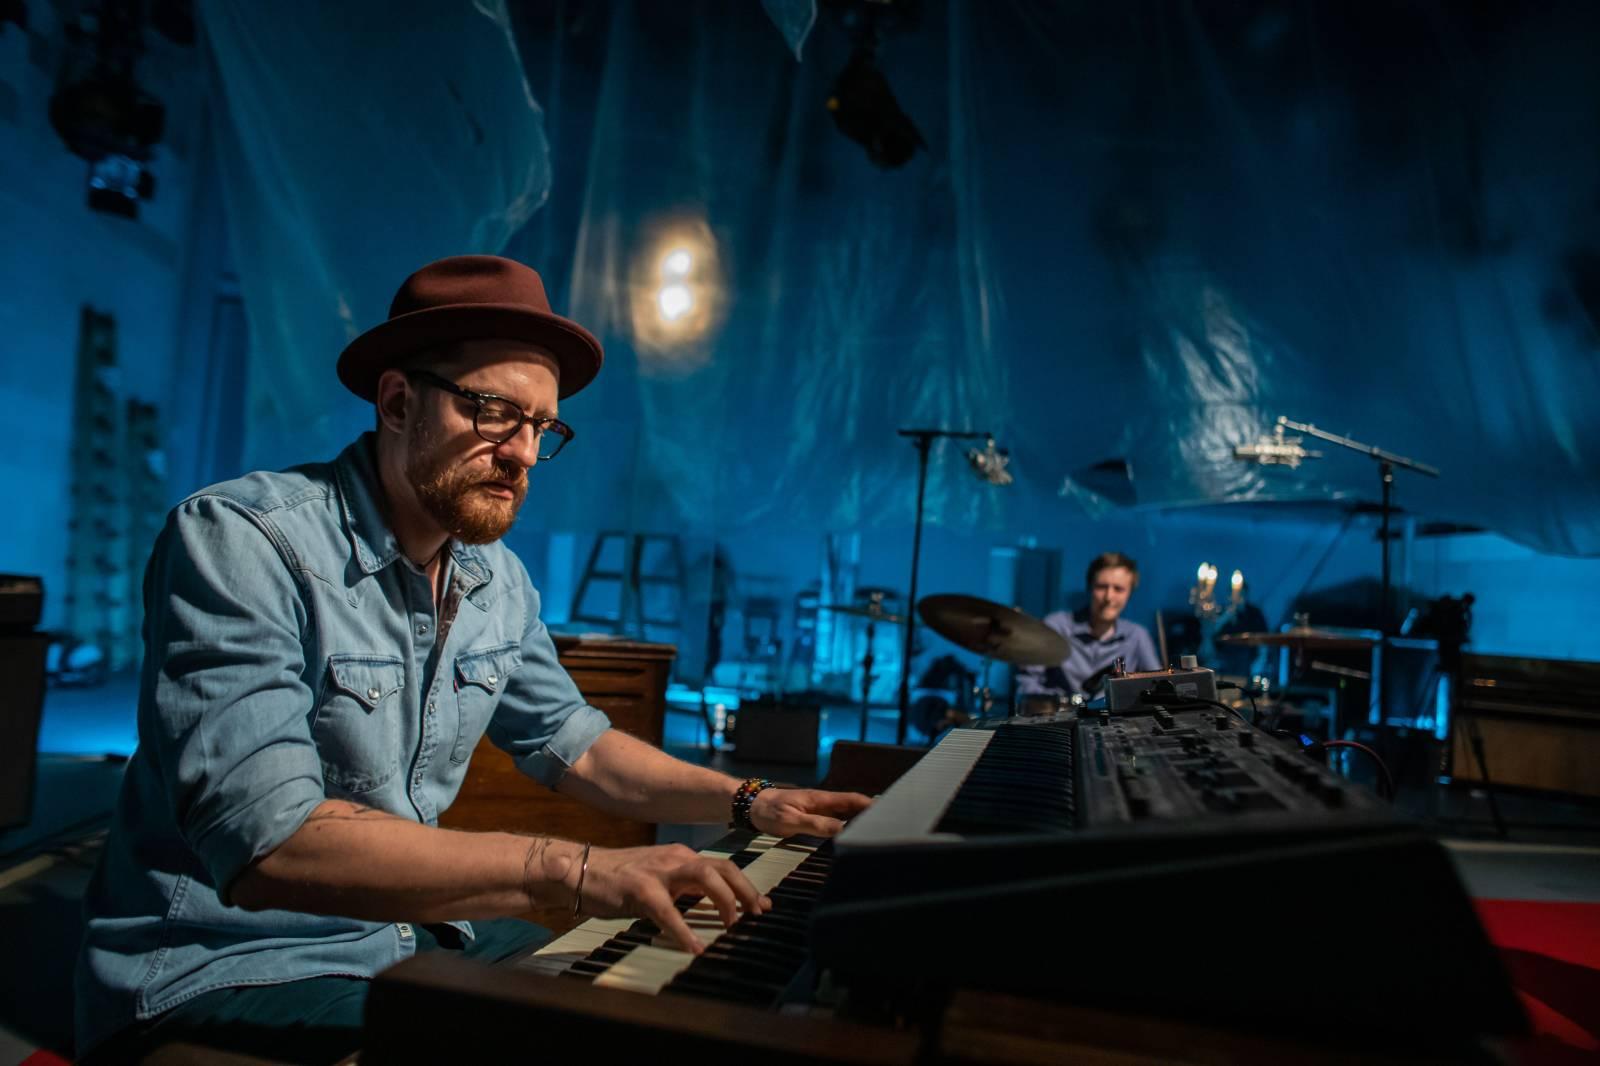 JazzFestBrno míří na obrazovky, přivítá Ondřeje Pivce nebo Roberta Balzara s Danem Bártou